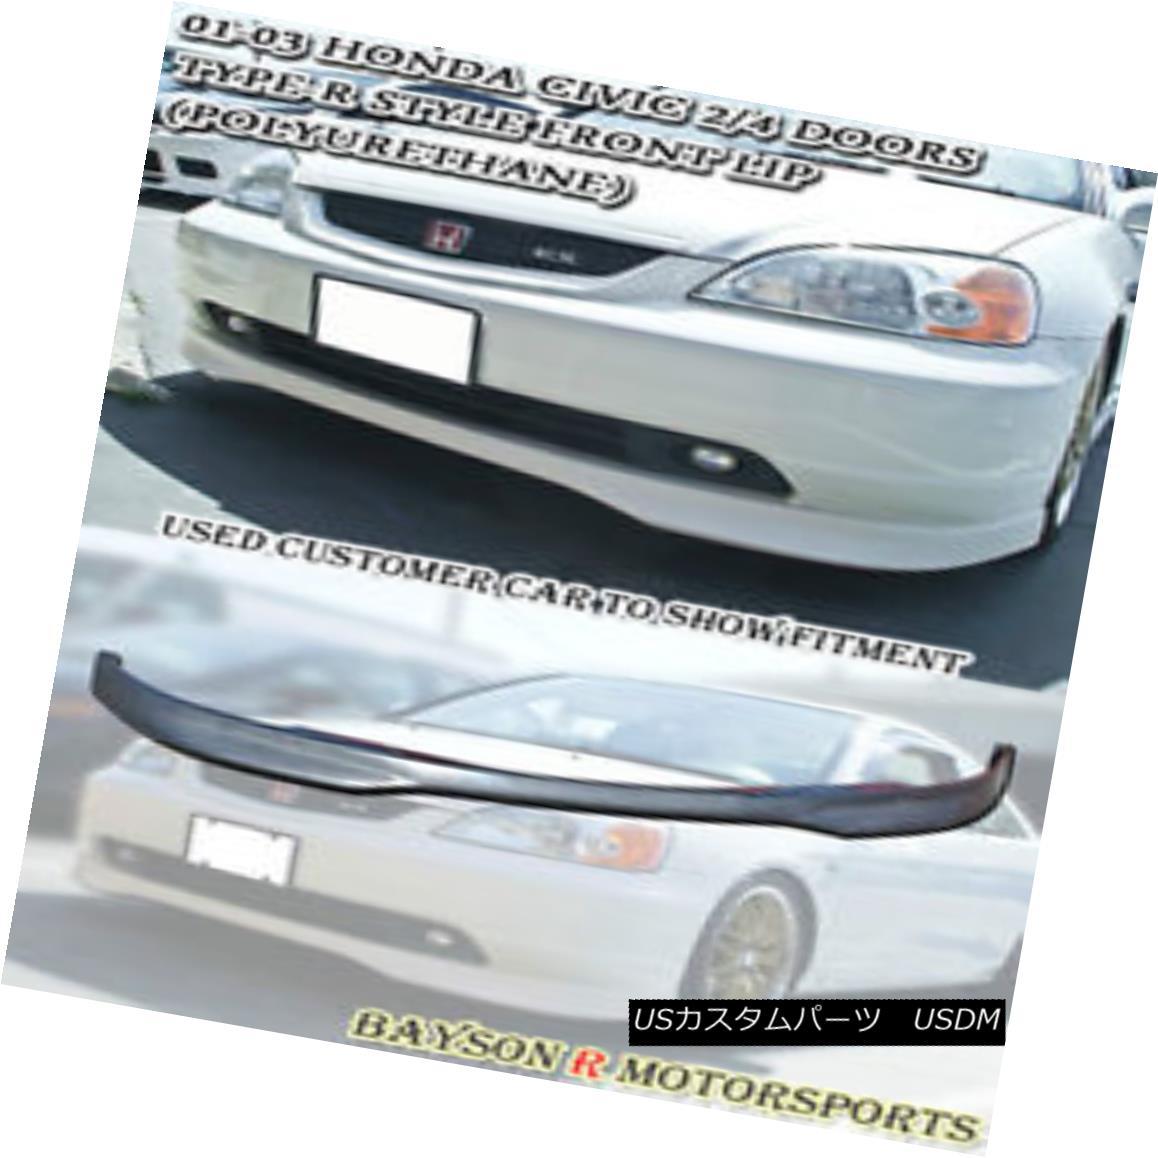 流行 エアロパーツ TR-Style Front Lip (Urethane) Fits 01-03 Civic 2/4dr TR-スタイルフロントリップ(ウレタン)は01-03シビック2 / 4drに適合, あーかんび(AKANBI) 5d278998